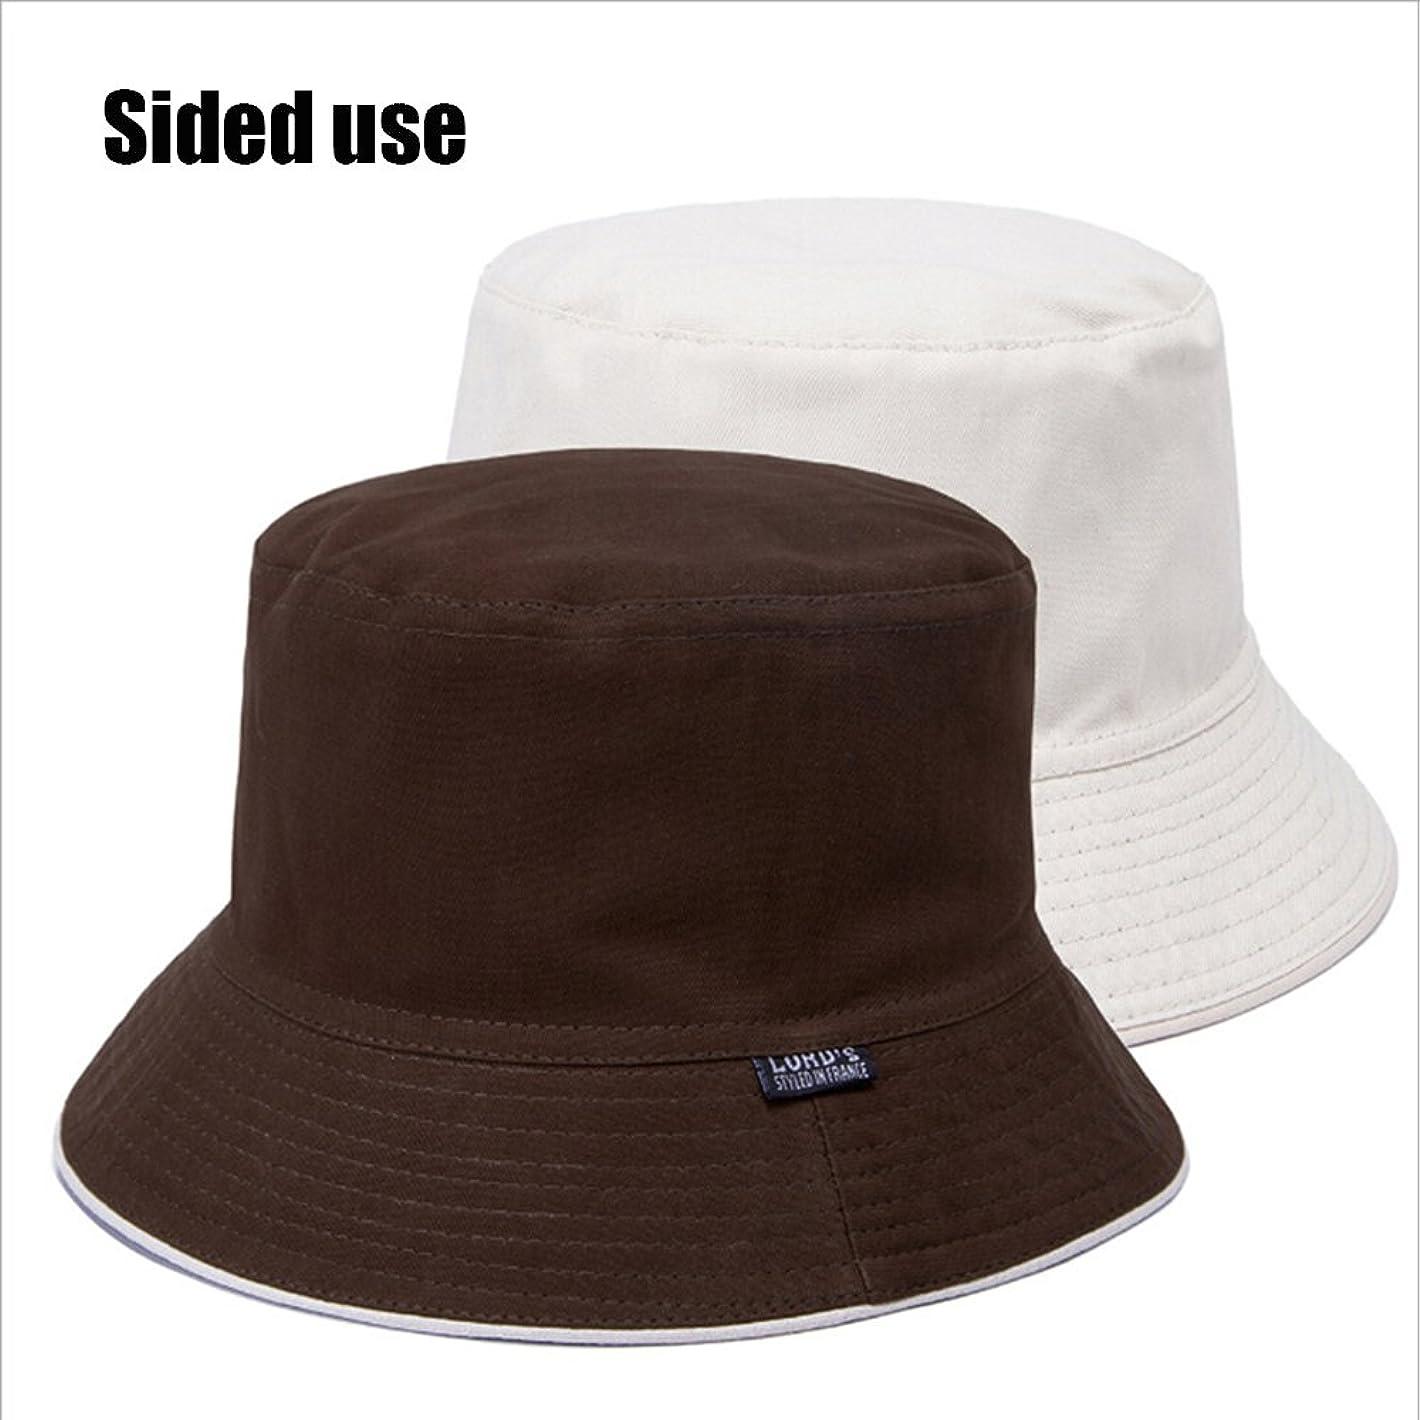 委員長浸漬サーバントOutdoor ResearchレディースとメンズSombriolet Bucket帽子UPF 50?+最大Sun保護両面アウトドア帽子コットンと通気性